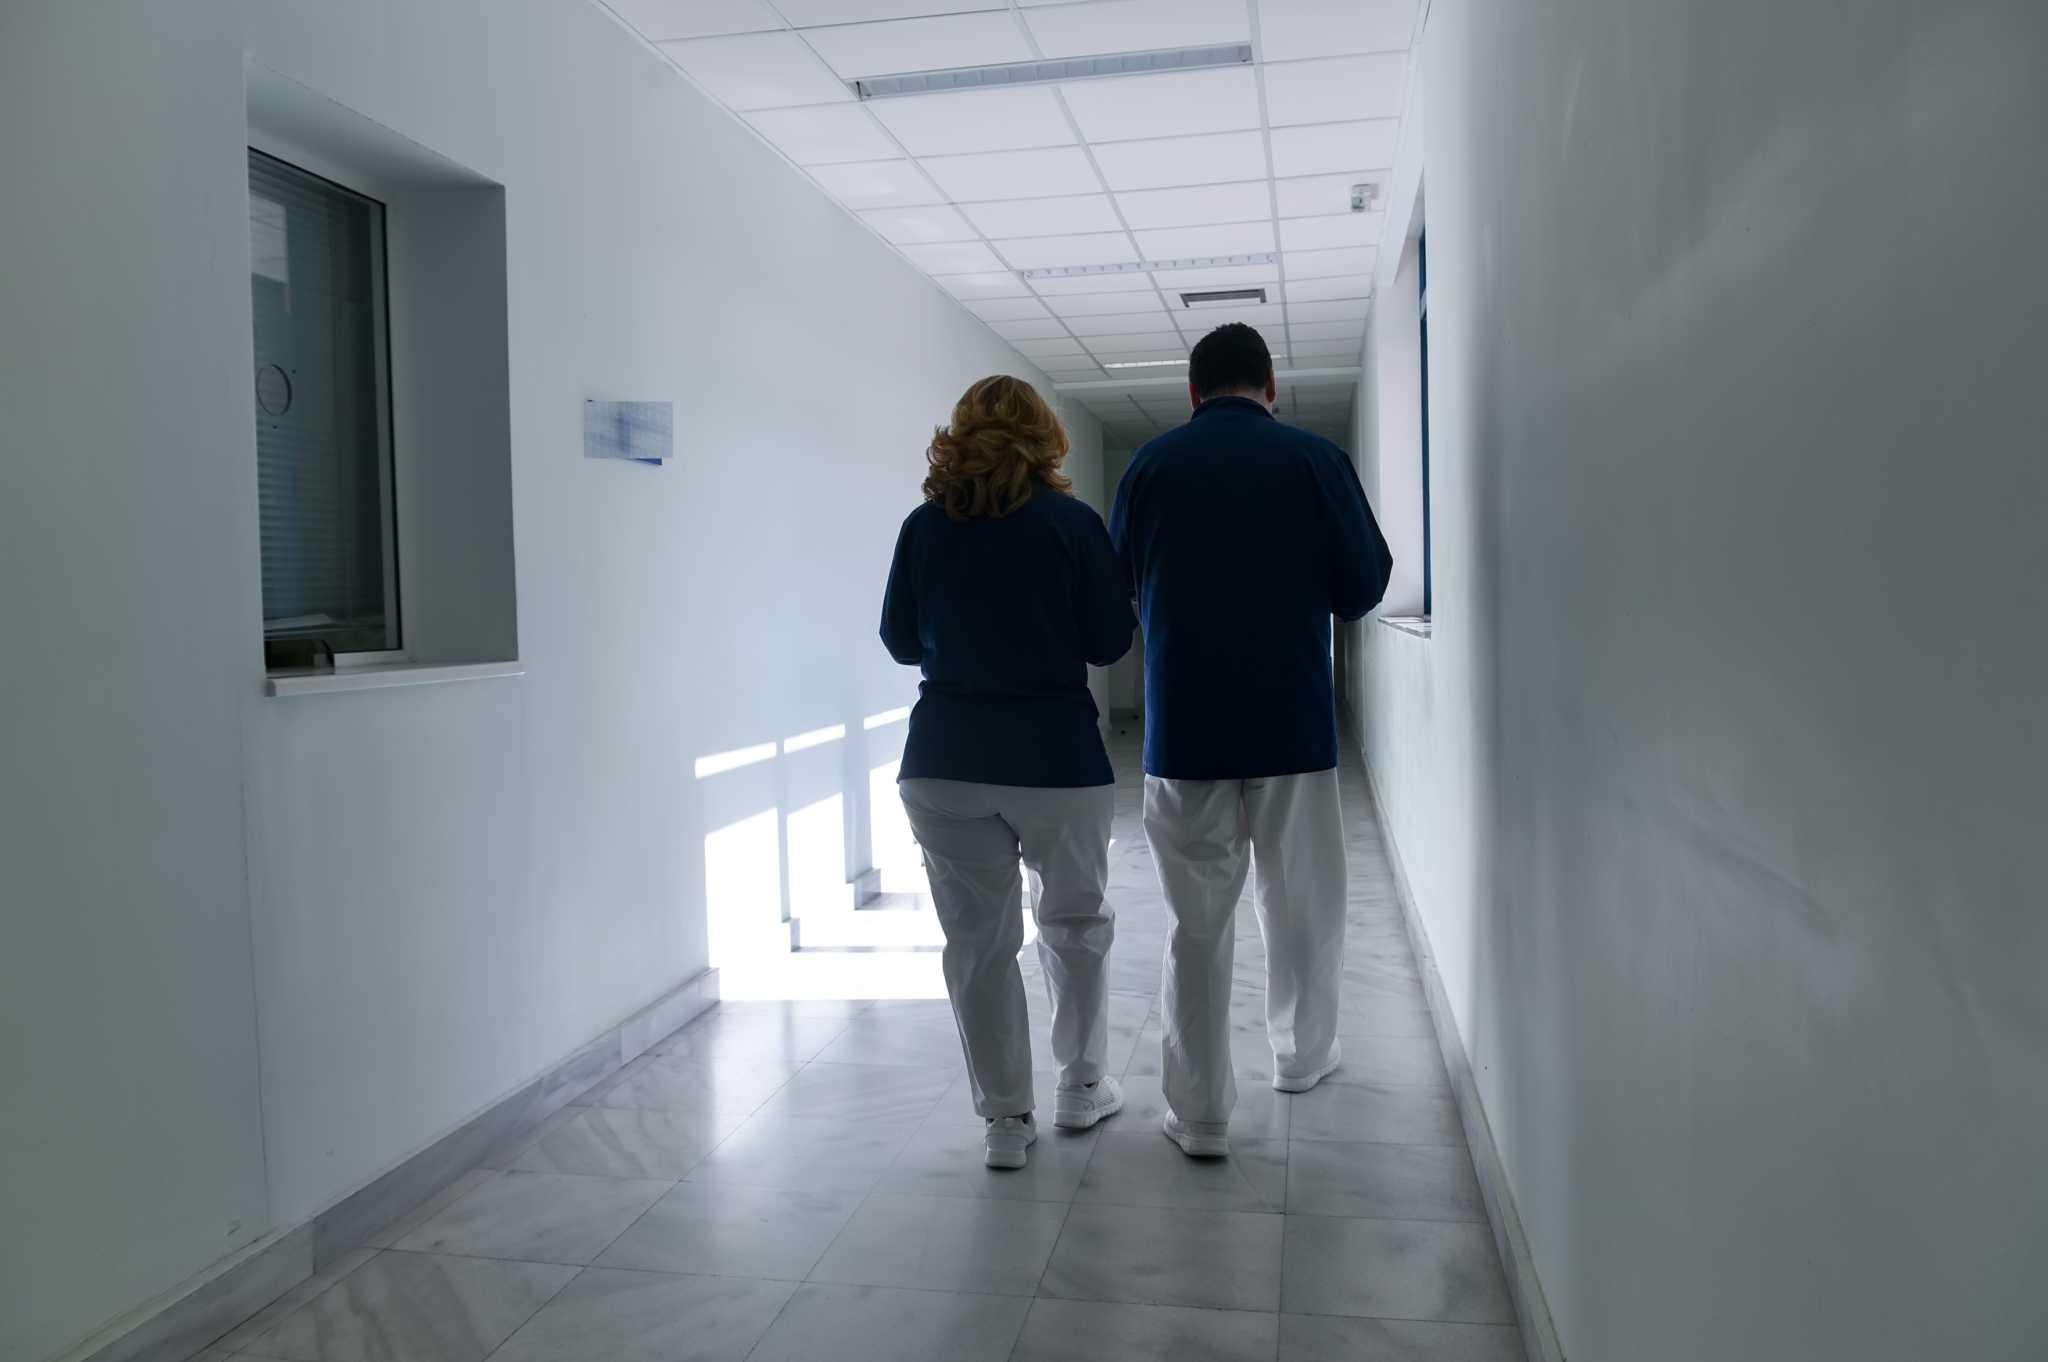 Νοσοκομείο Καβάλας: Τρεις θάνατοι μέσα σε έναν 24ωρο από κορονοϊό